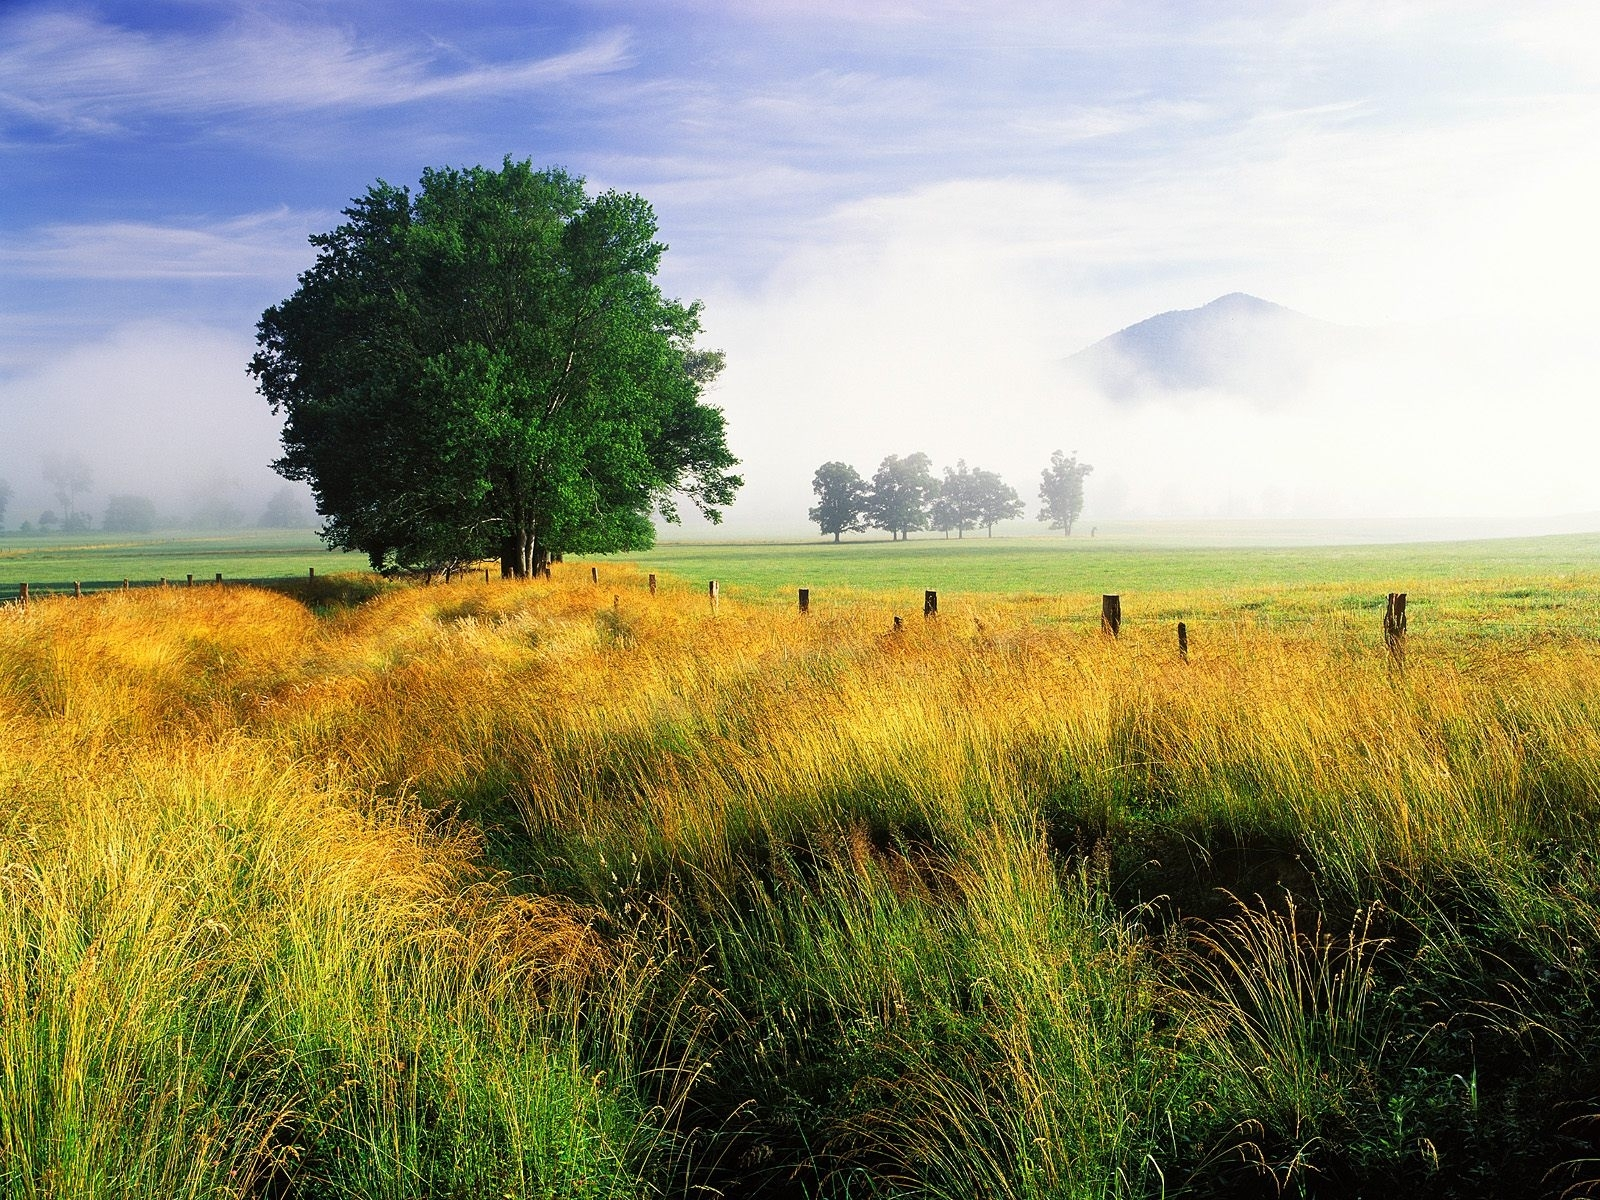 3295 скачать обои Пейзаж, Деревья, Трава, Небо - заставки и картинки бесплатно